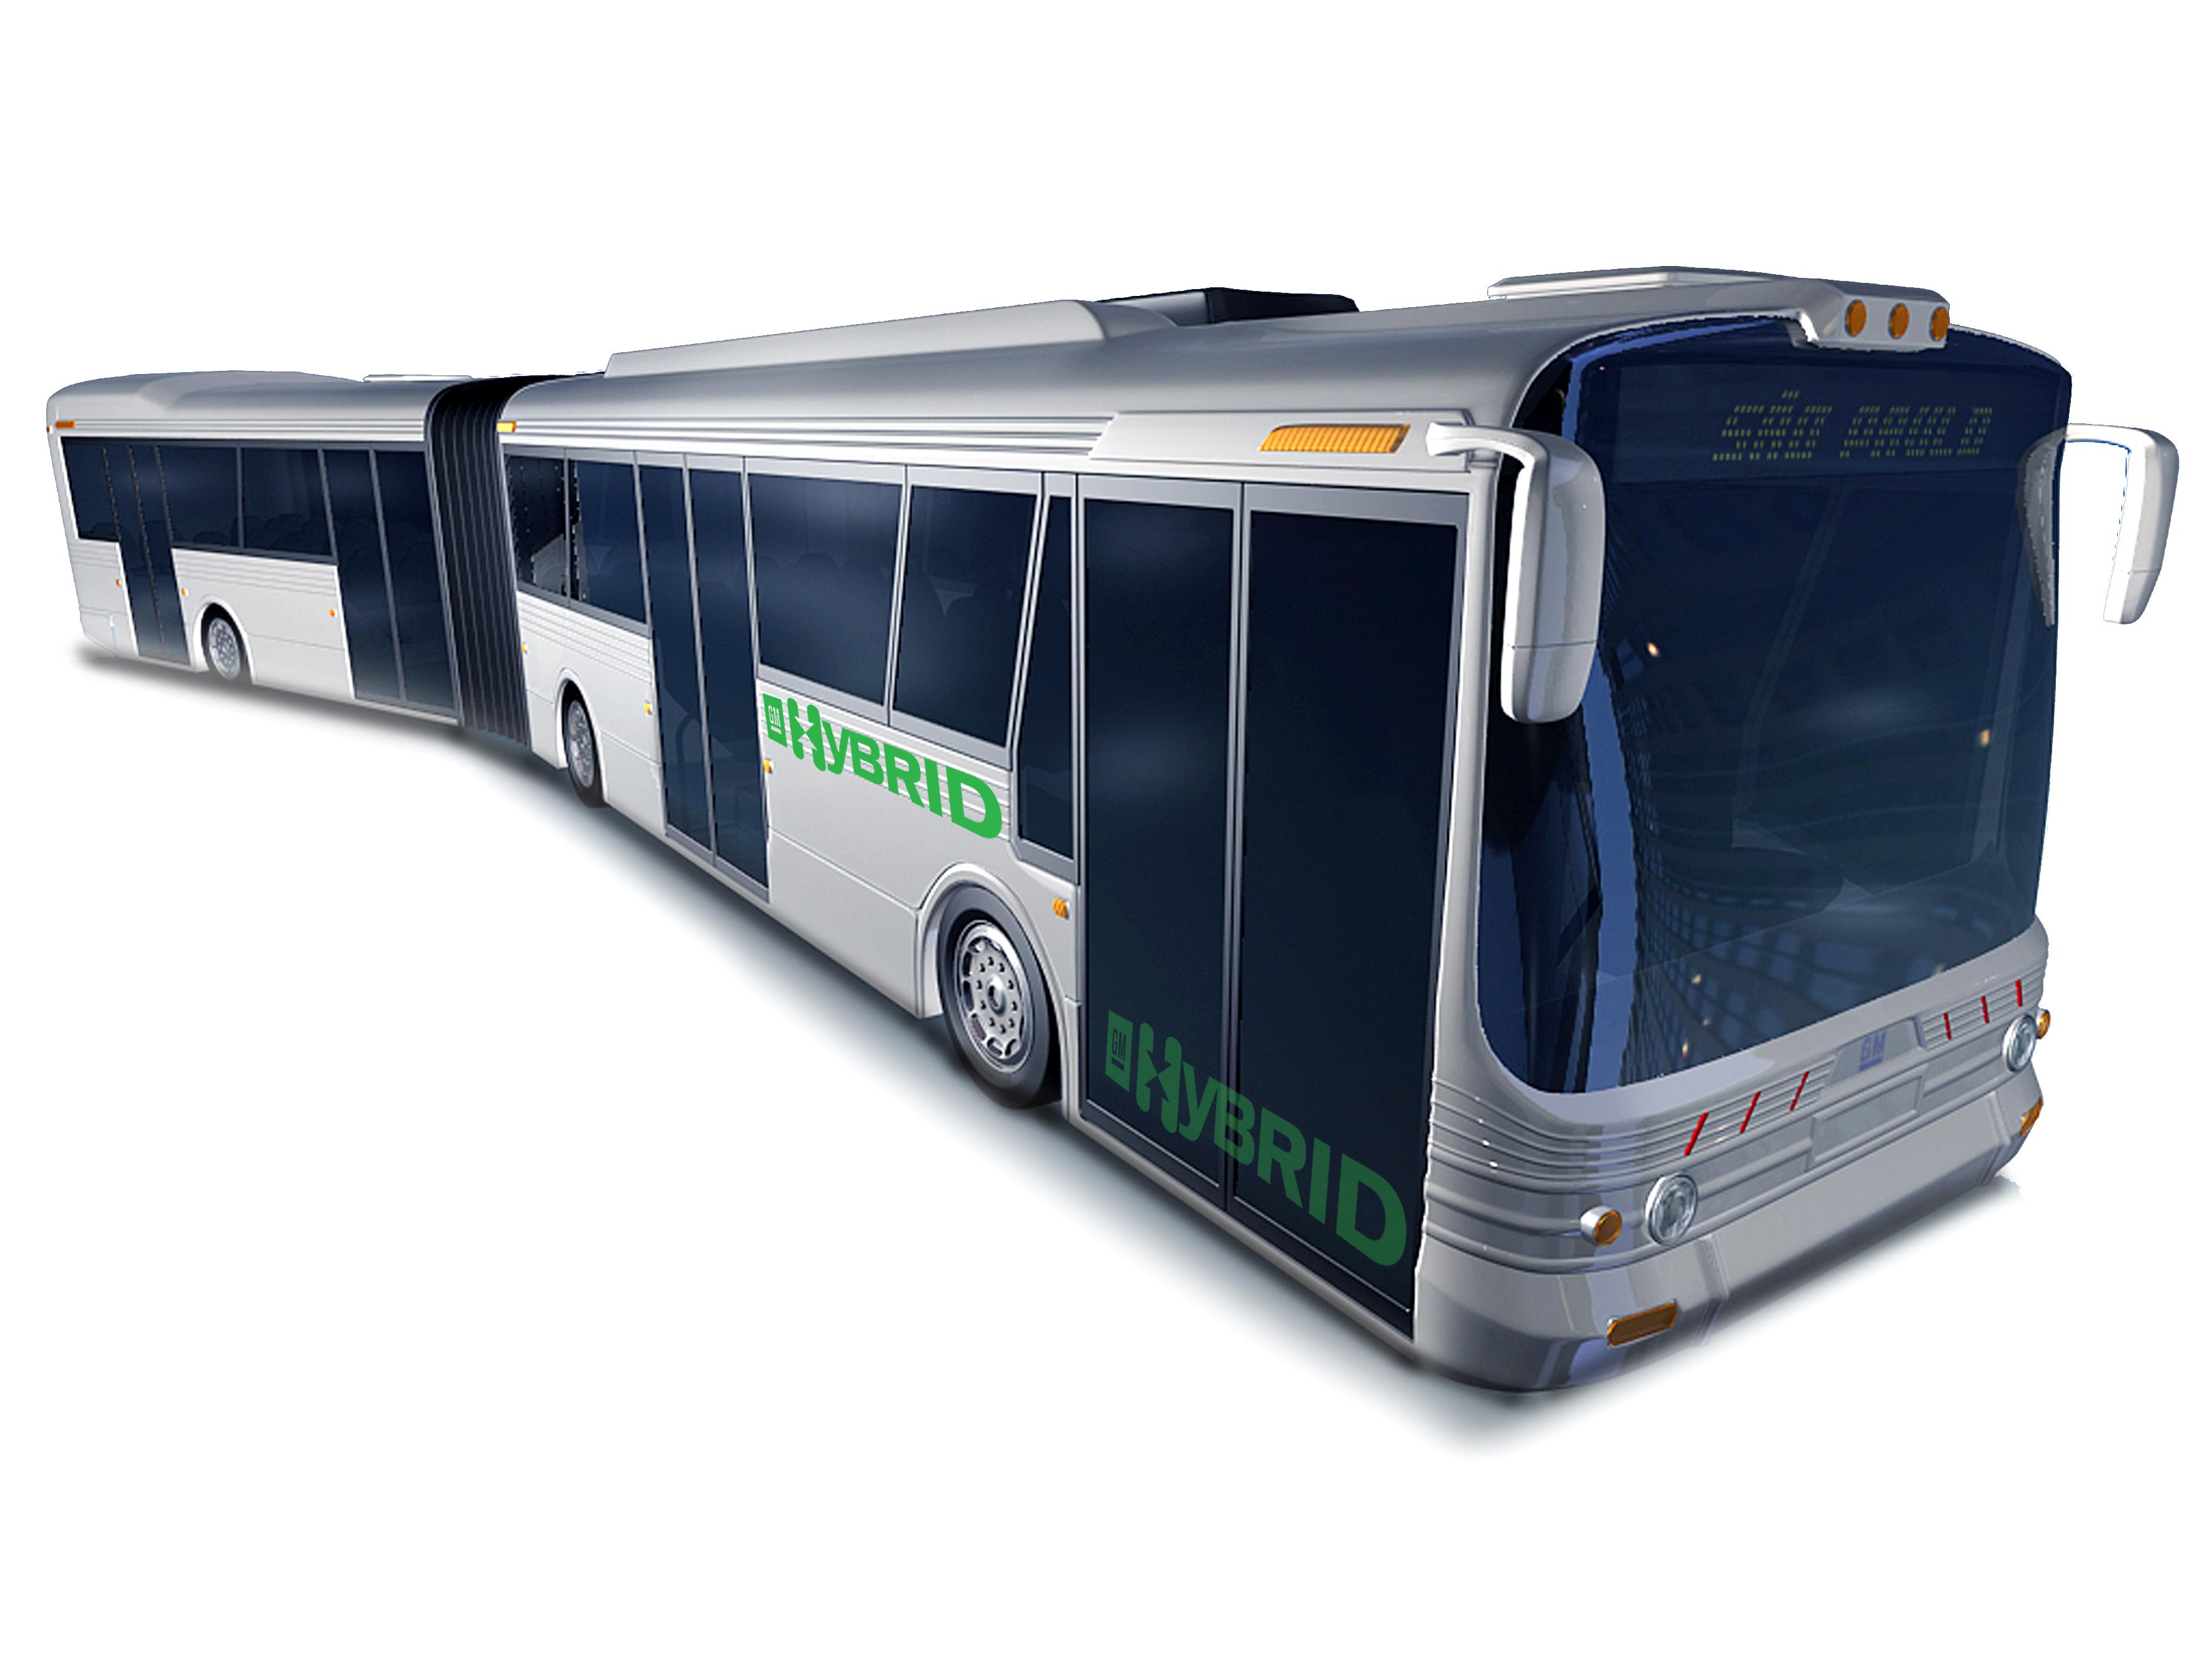 Hybrid GM Coach